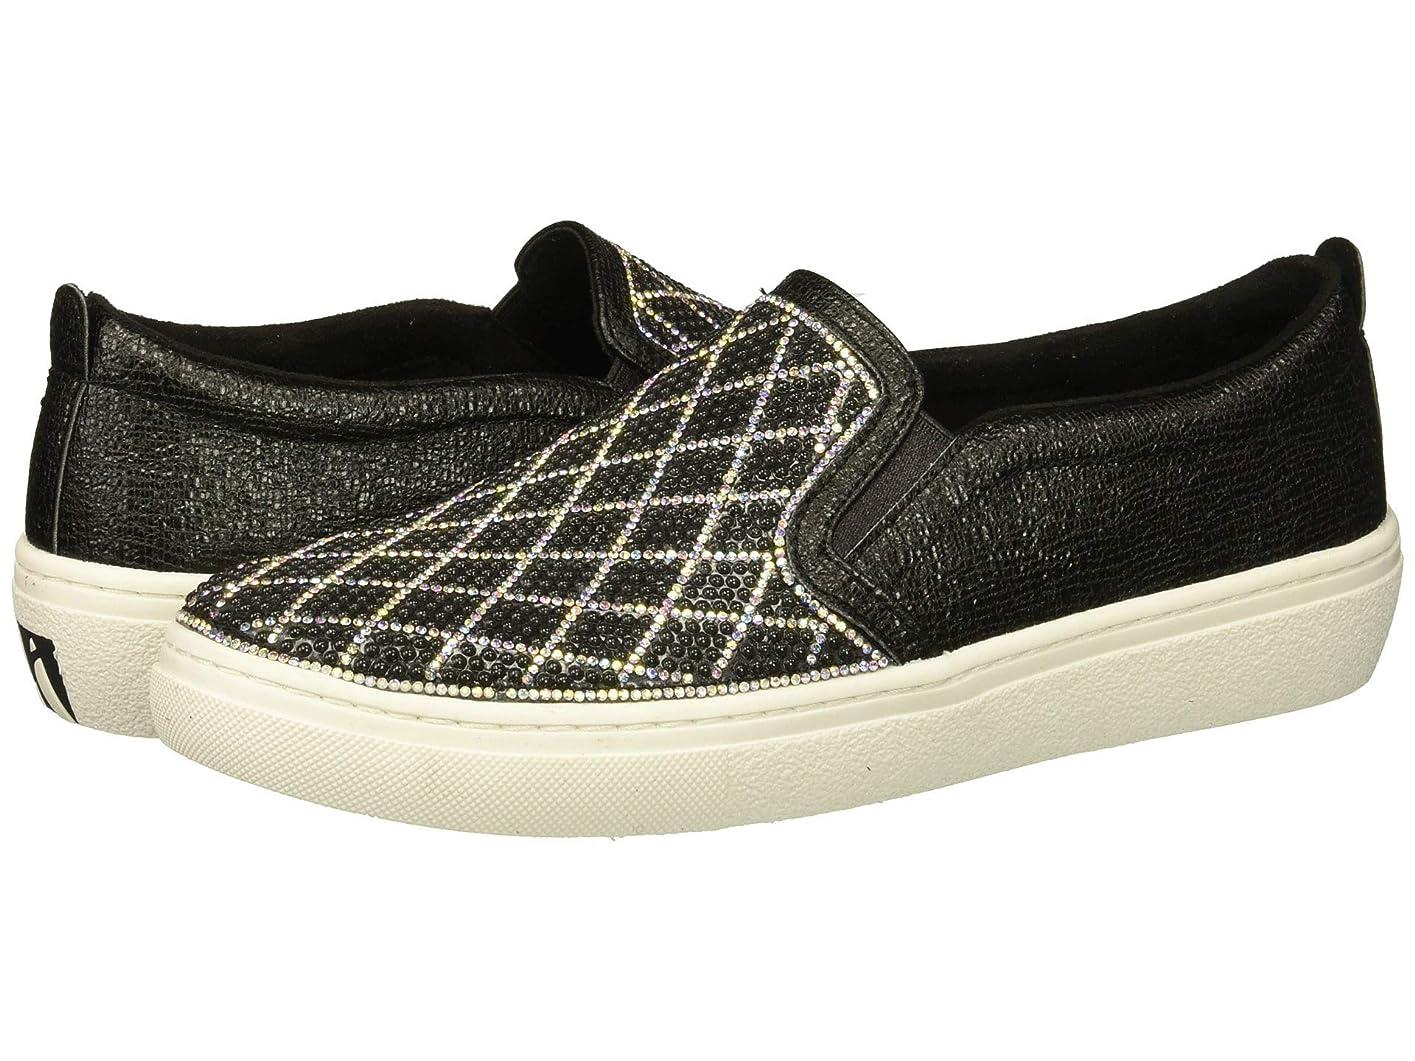 アリーナ挑発する公式レディーススニーカー?ウォーキングシューズ?靴 Goldie - Diamond Darling Black/Silver 9.5 (26.5cm) B [並行輸入品]